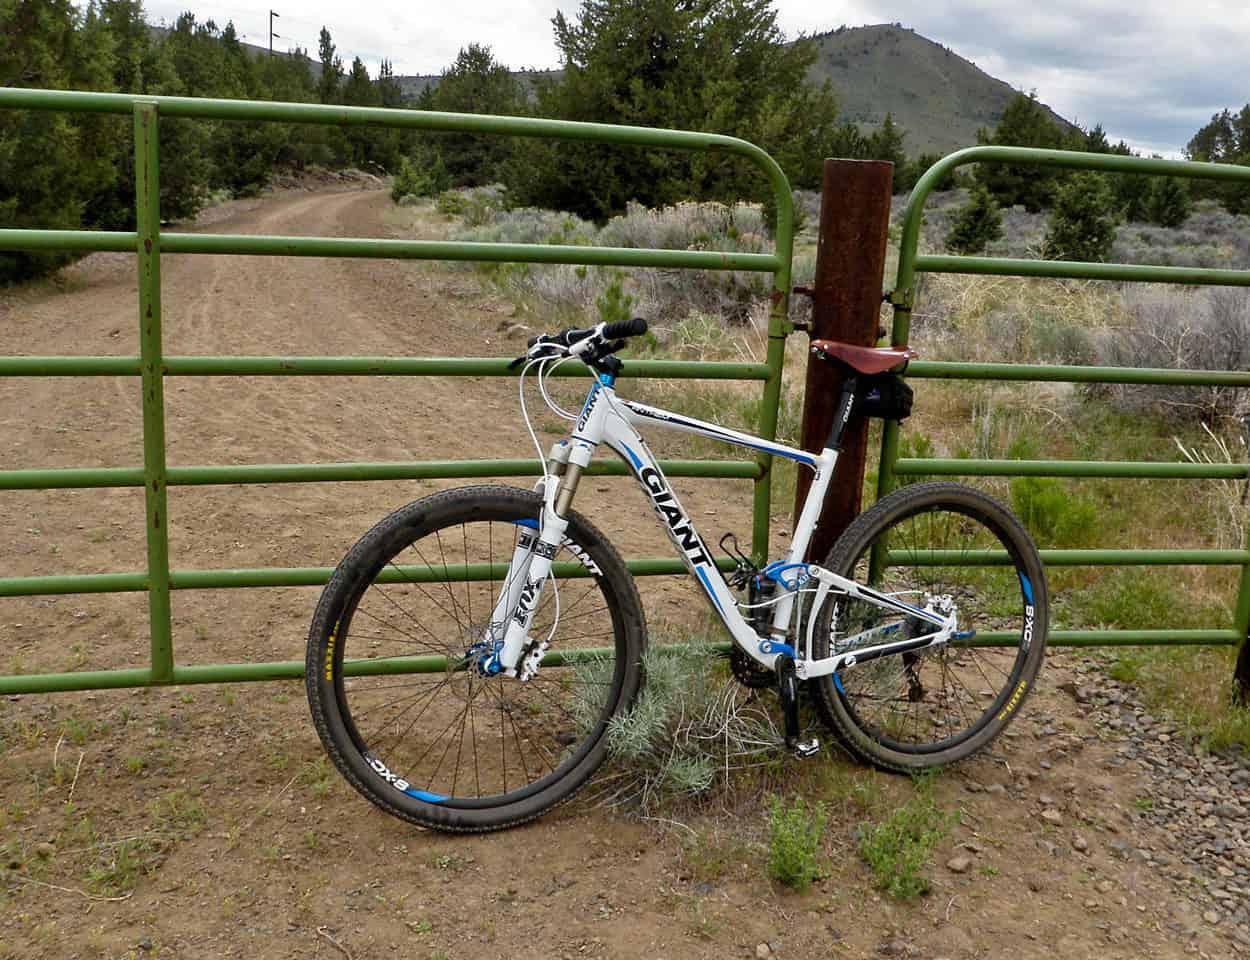 How Good Are Giant Mountain Bikes?